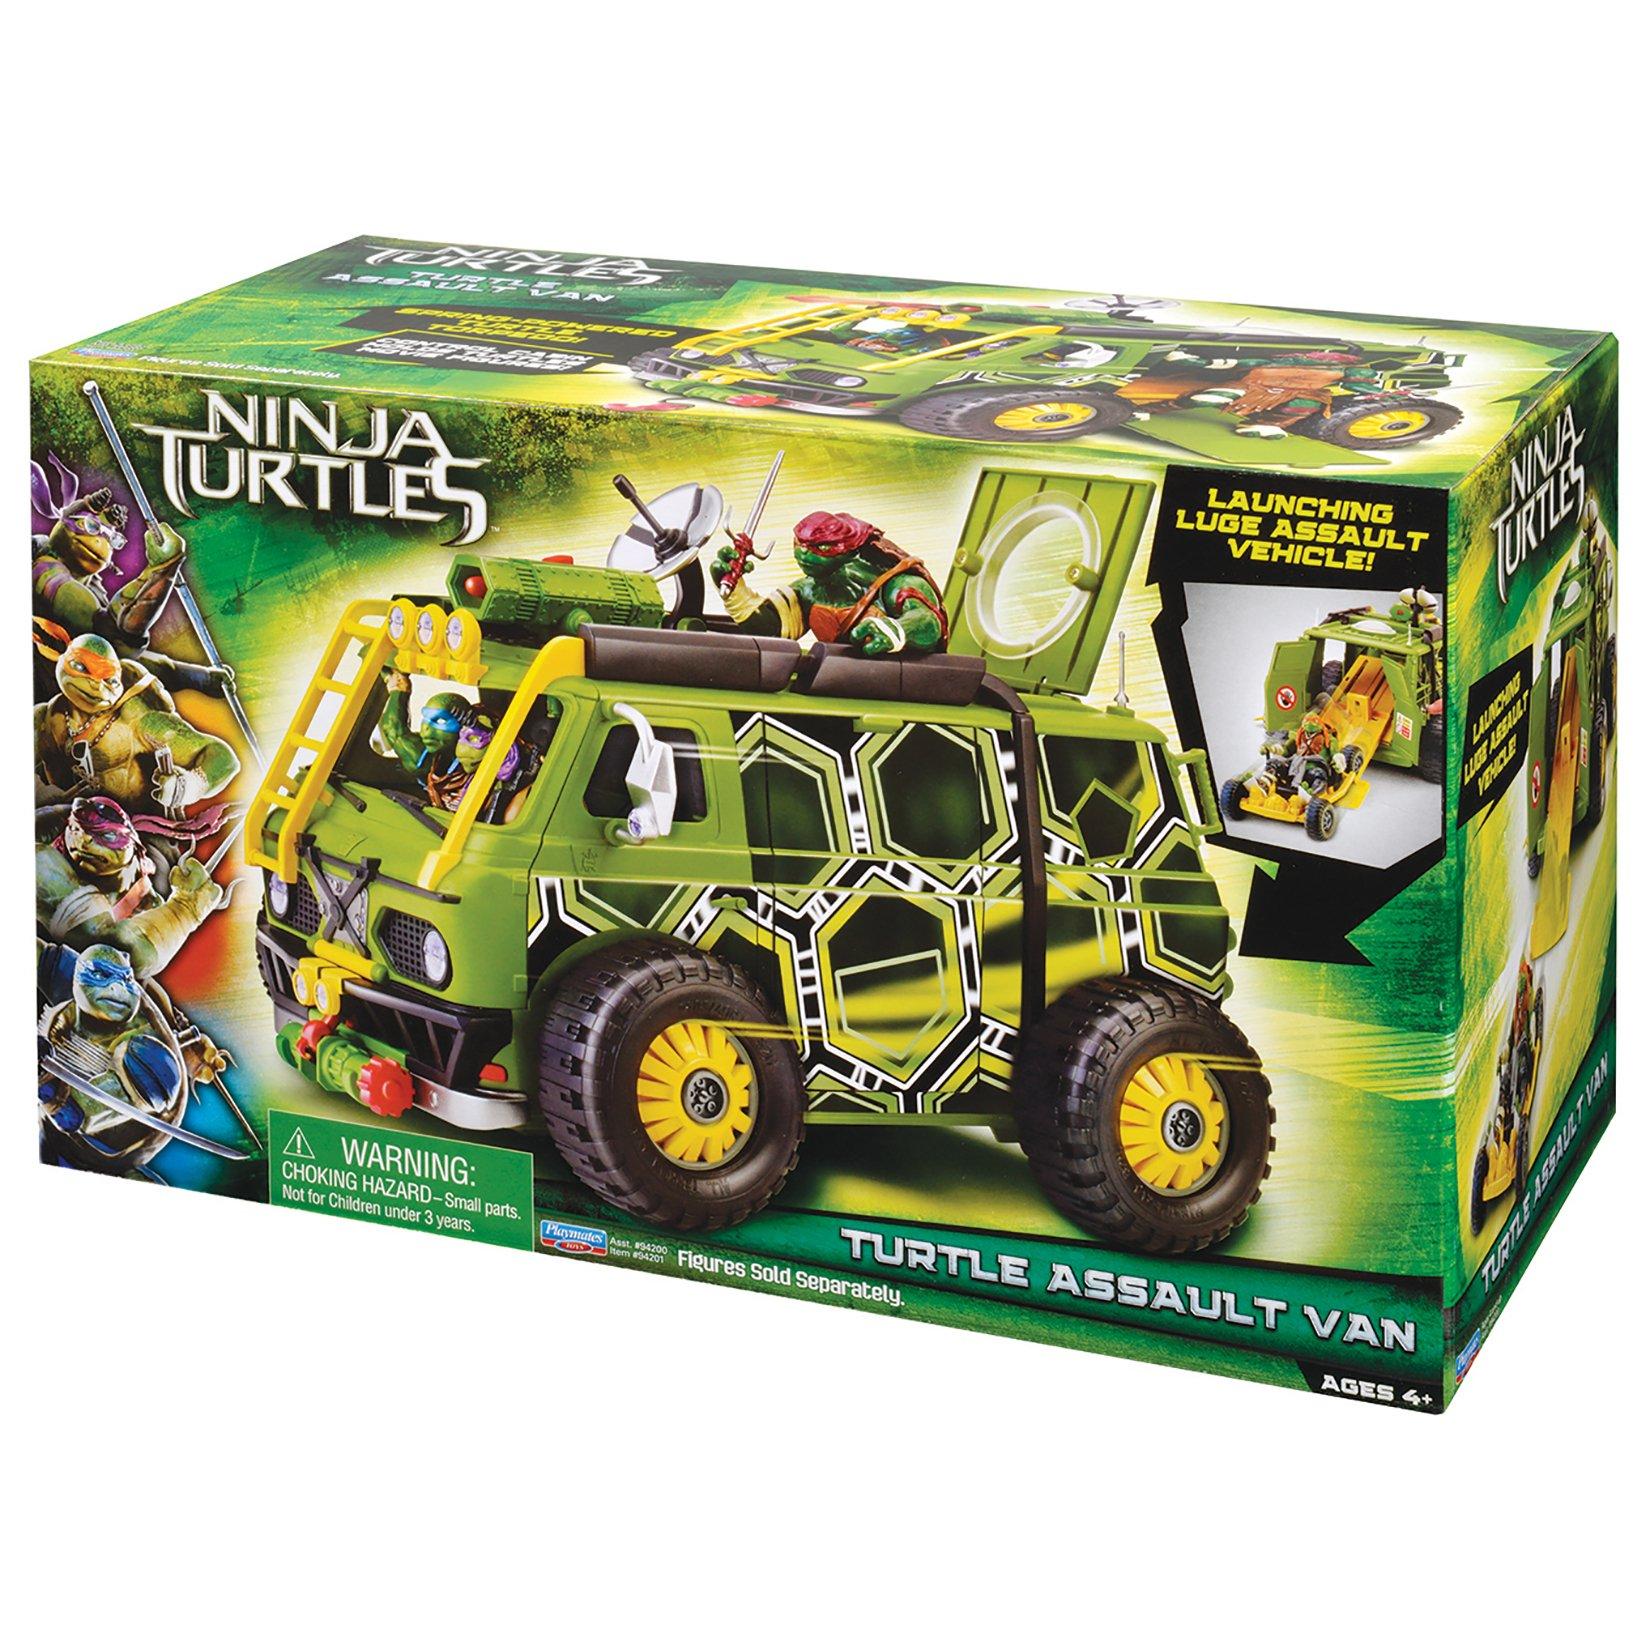 Teenage Mutant Ninja Turtles Movie Van by Nickelodeon (Image #6)